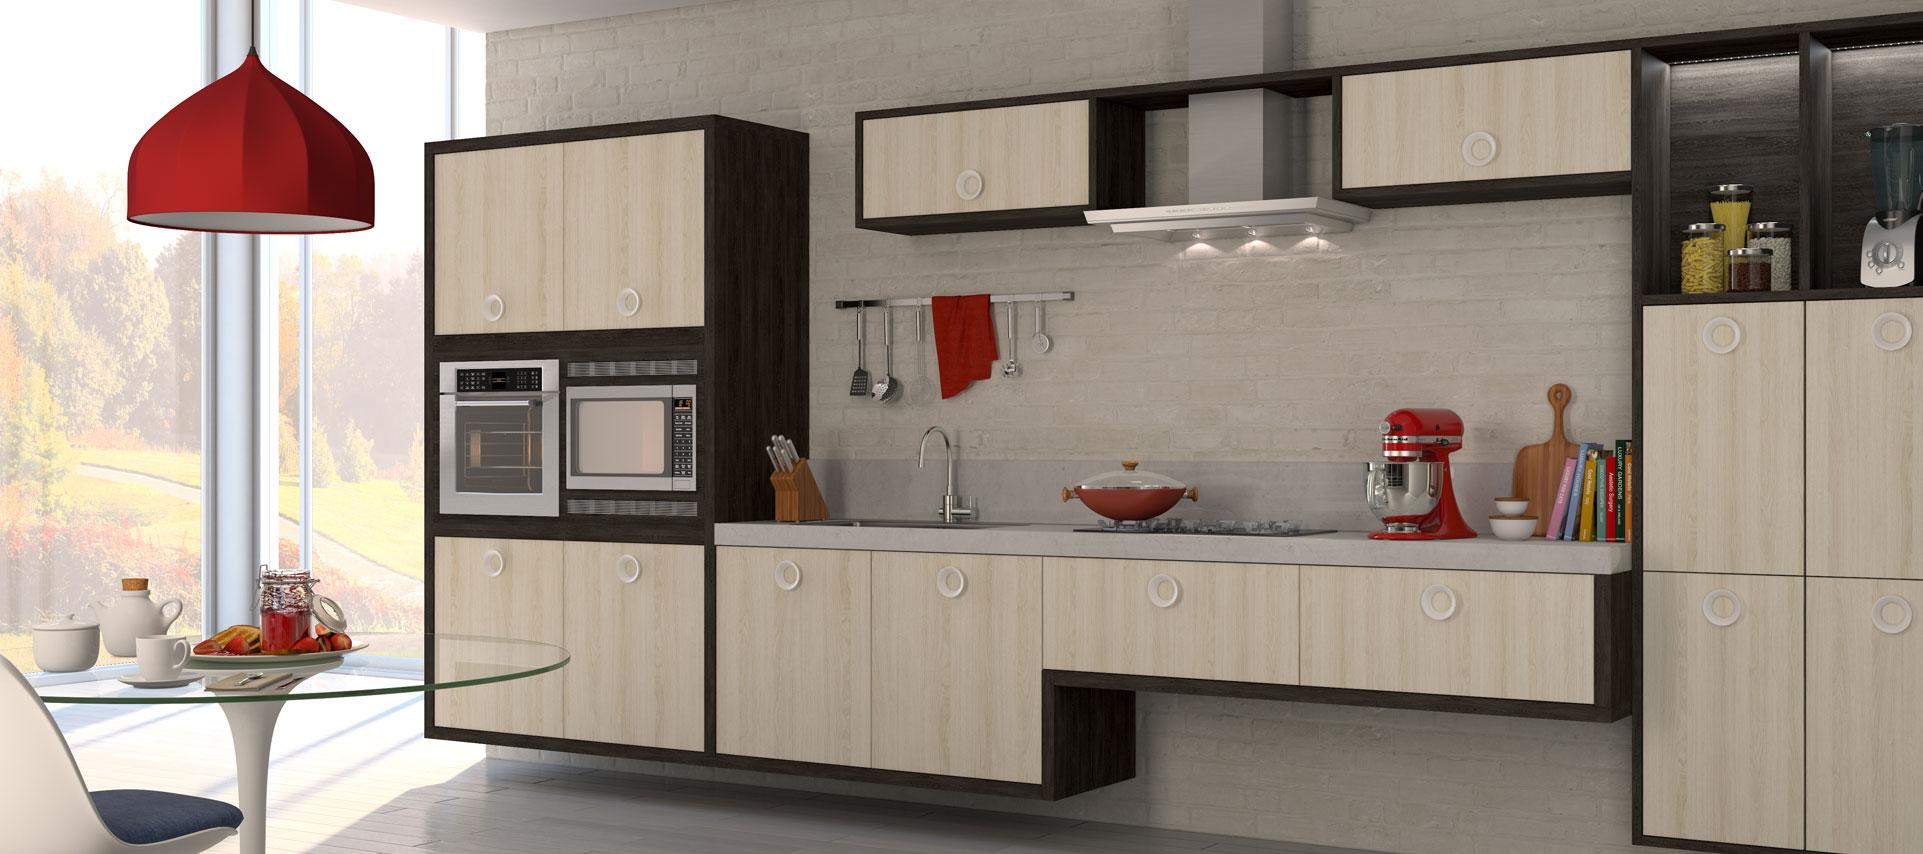 .com.br/wp content/uploads/2016/03/cozinha planejada curitiba.jpg #A92522 1923 854